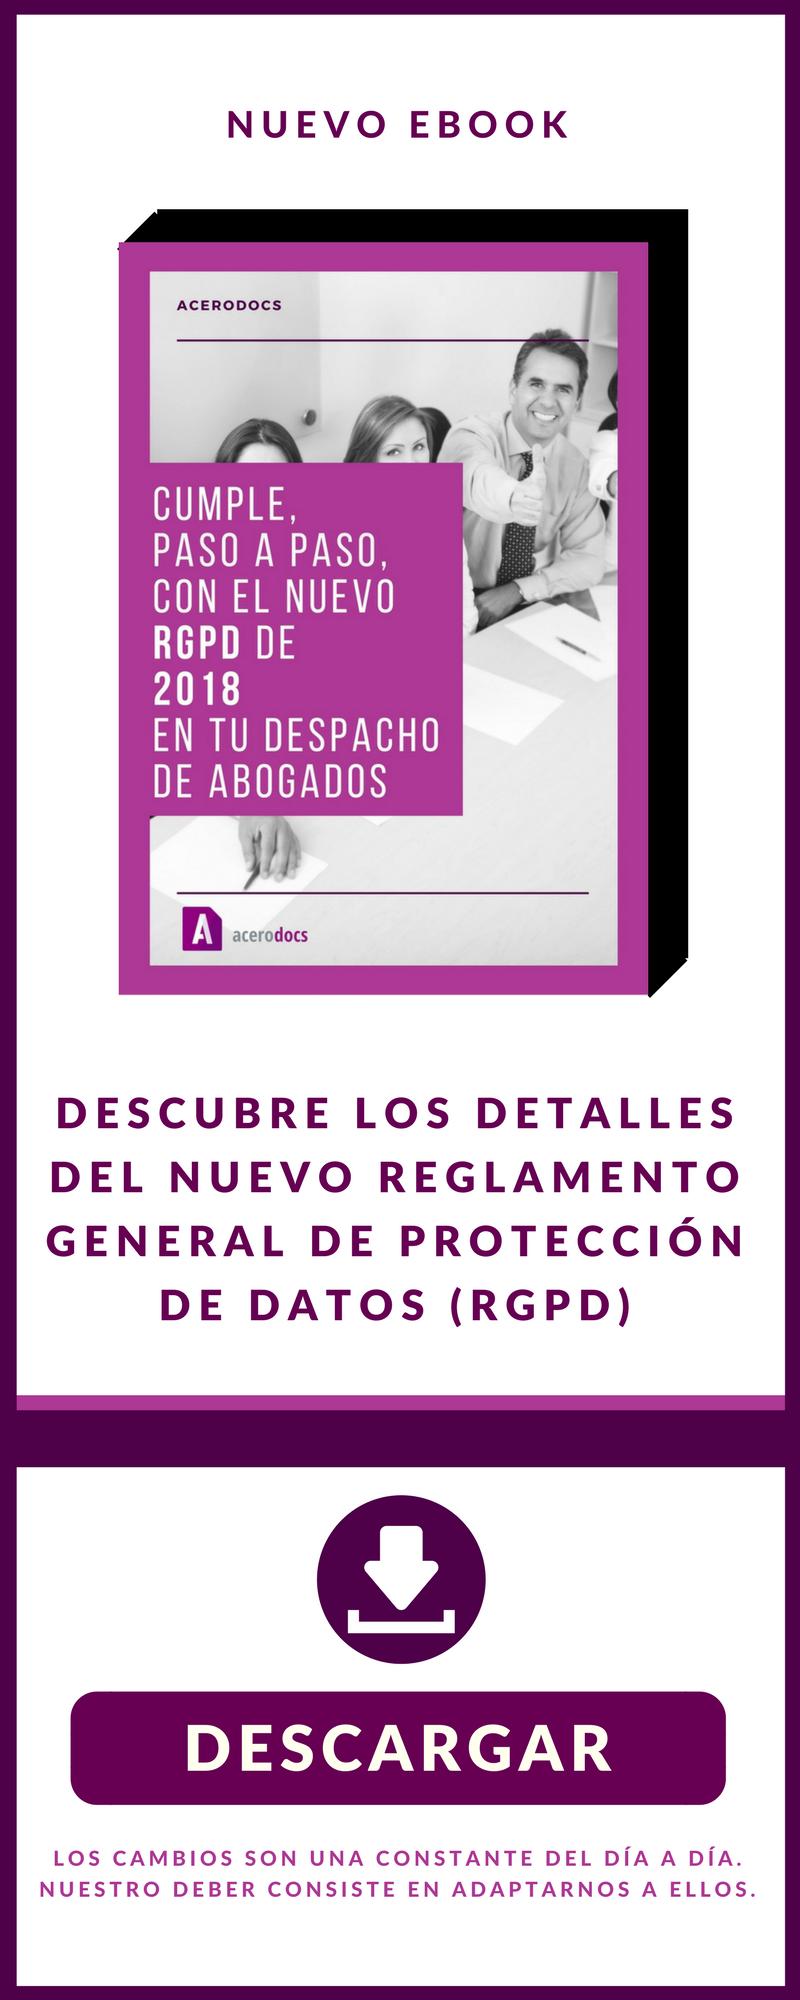 Cumple paso a paso con el nuevo RGPD de 2018 en tu despacho de abogados